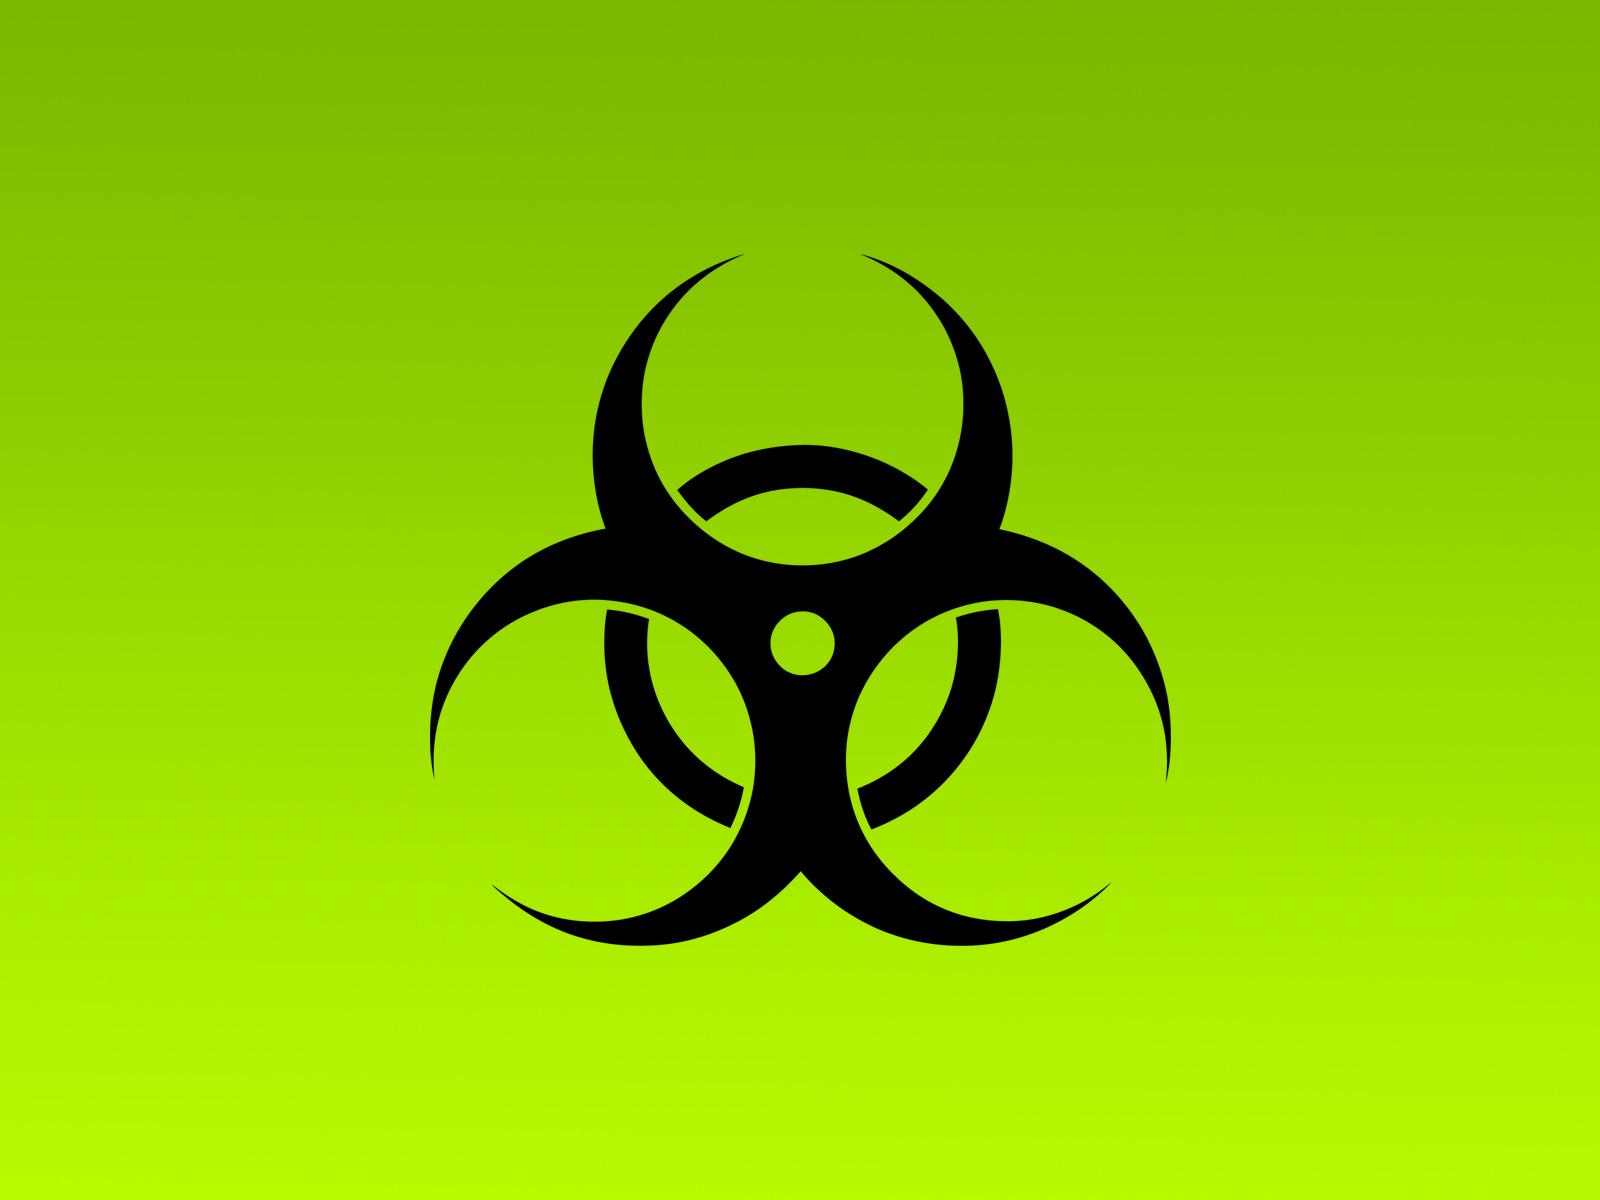 http://1.bp.blogspot.com/-giER7VBxdLk/TcaBDUnD1EI/AAAAAAAAAKQ/azf_81WT1Ws/s1600/Green_Bio_hazard_Wallpaper_HD.jpg